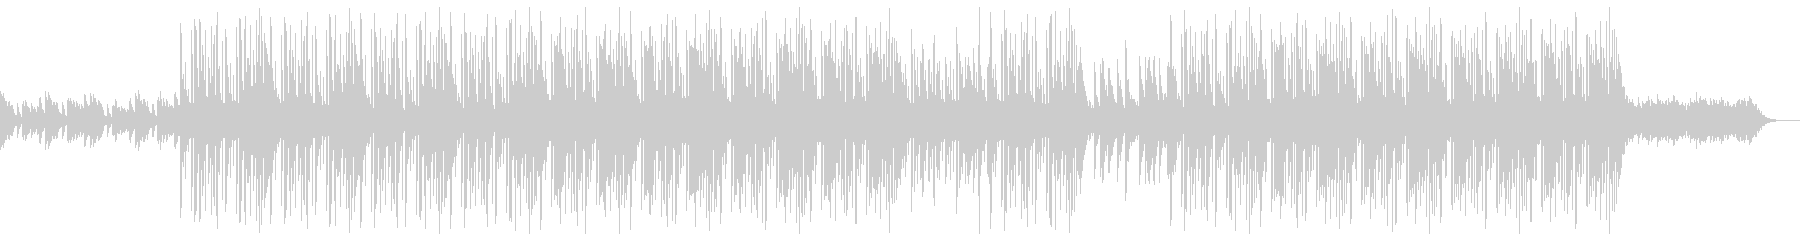 ダーク 洋楽 ヒップホップ トラップの未再生の波形